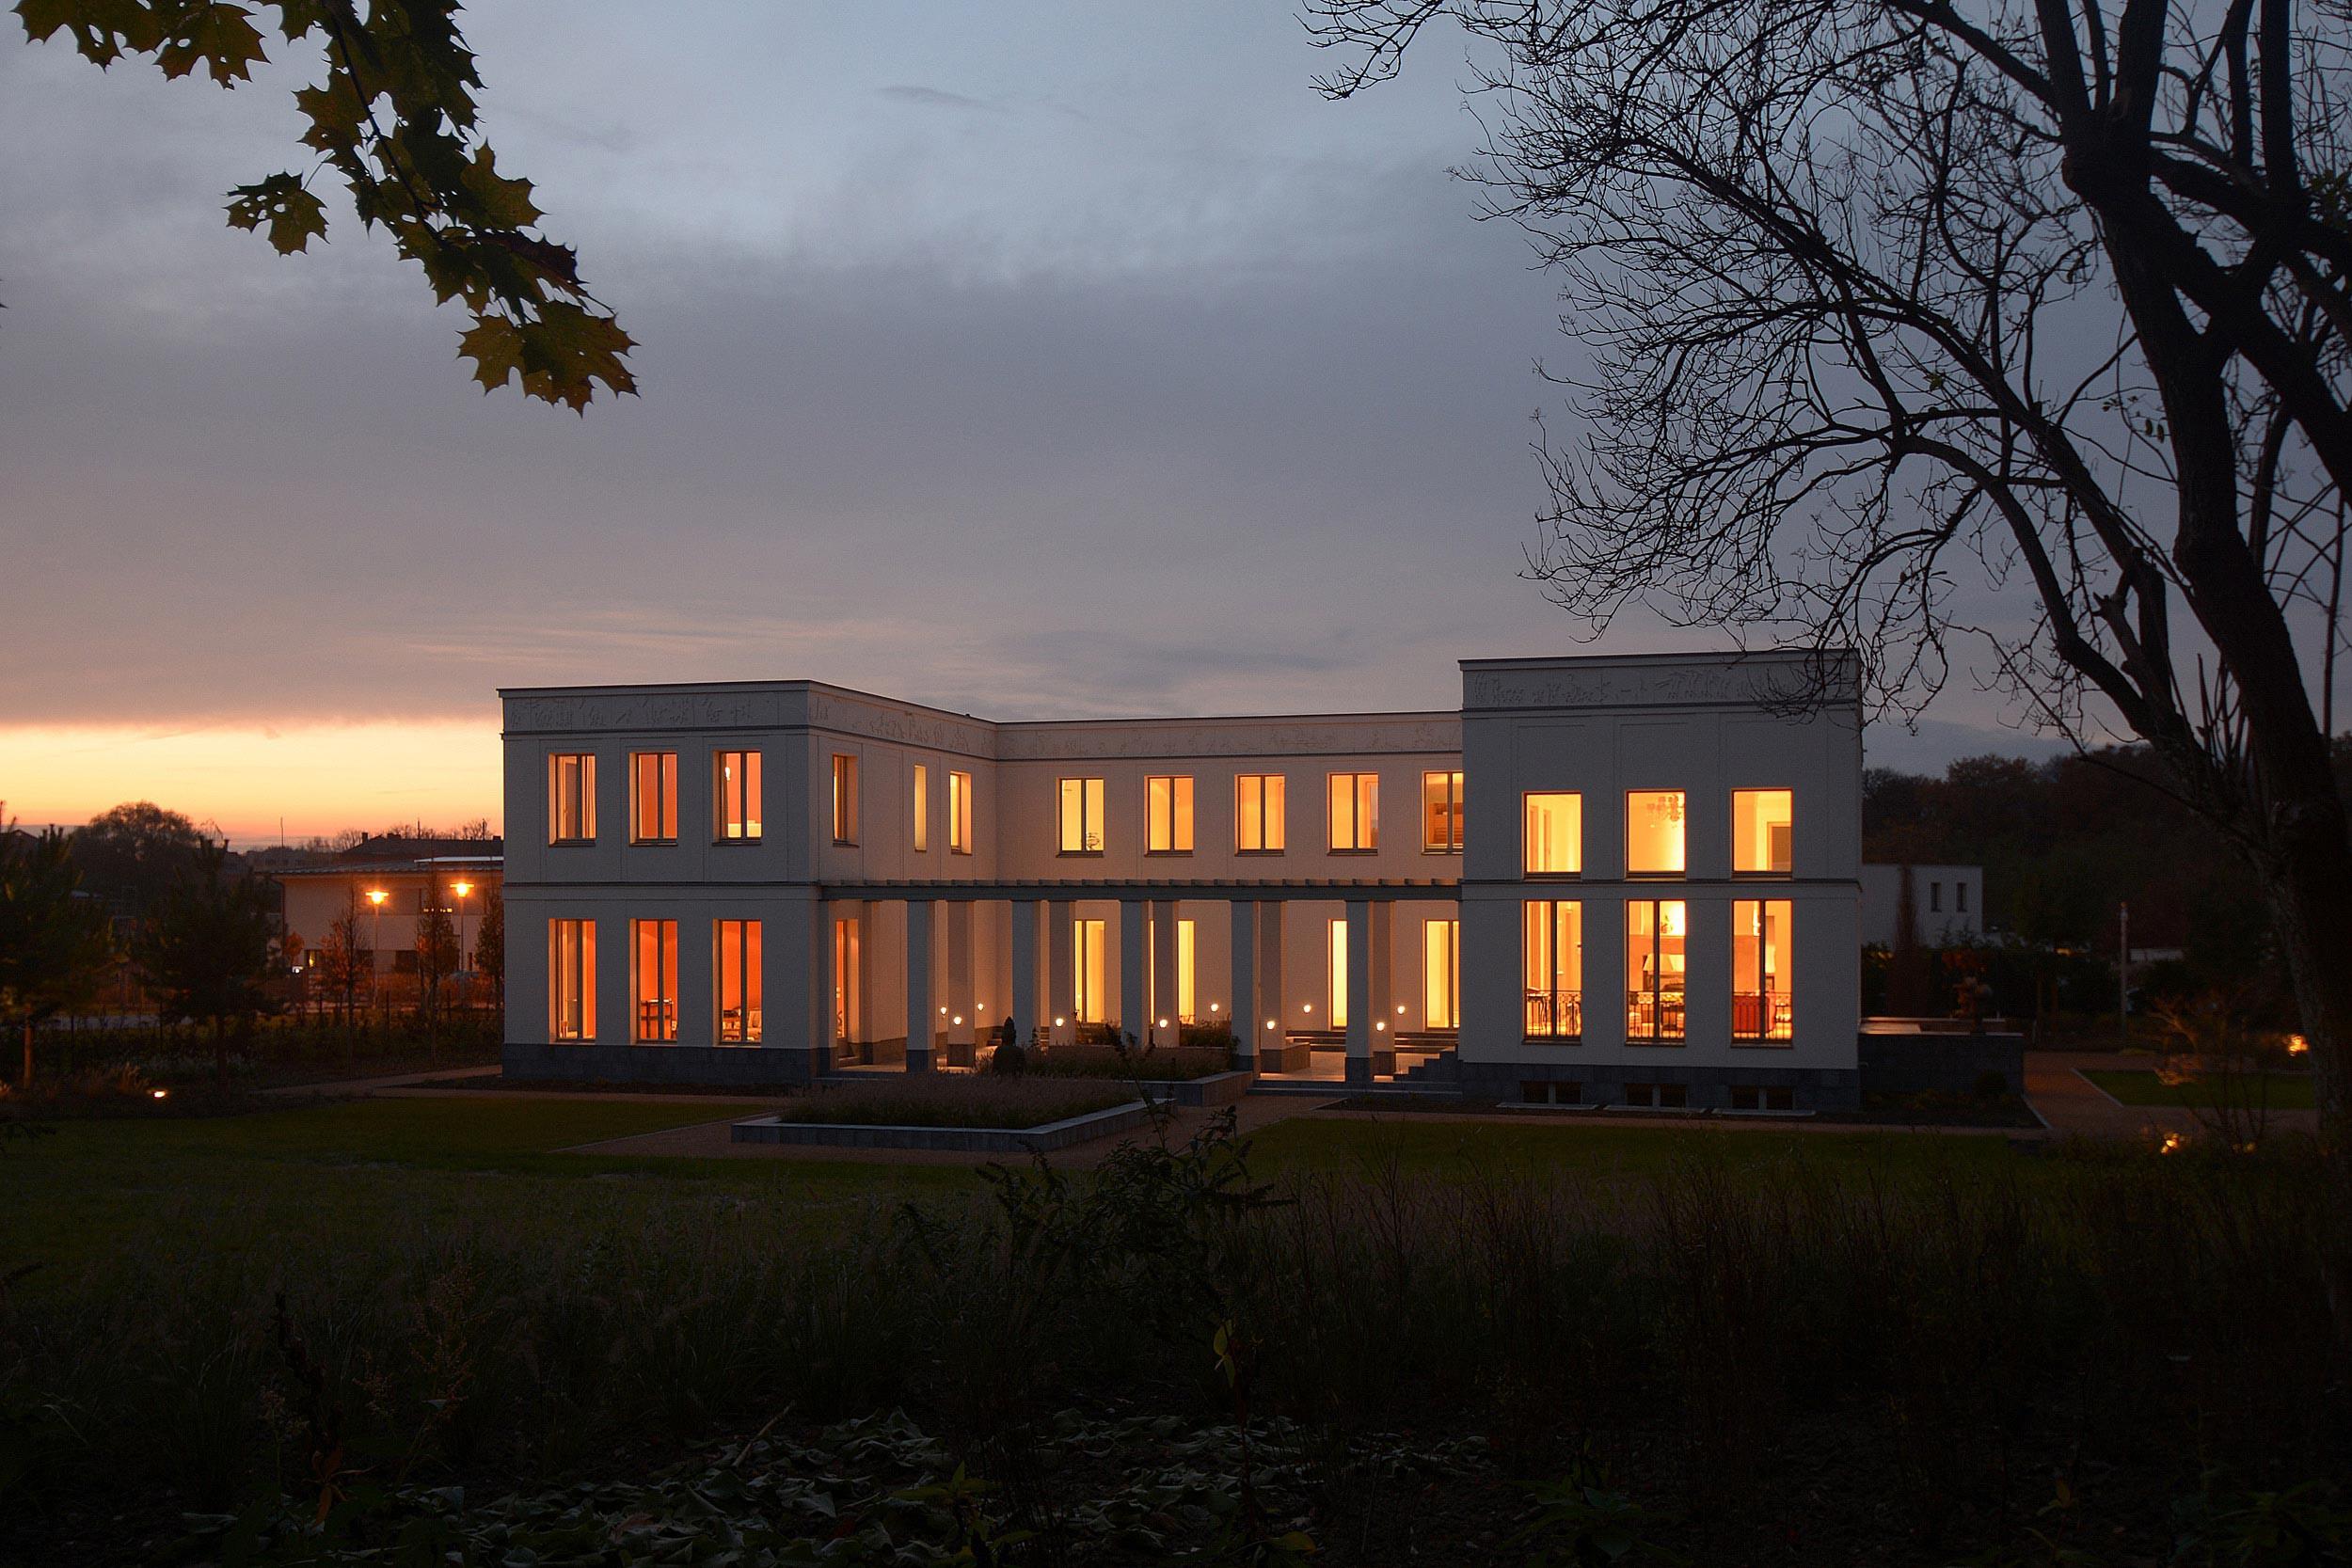 KLASSIK UND TRADITION - Neubau klassizistische Villa - Bei Nacht besitzt der Innenhof einen besonderen Reiz.